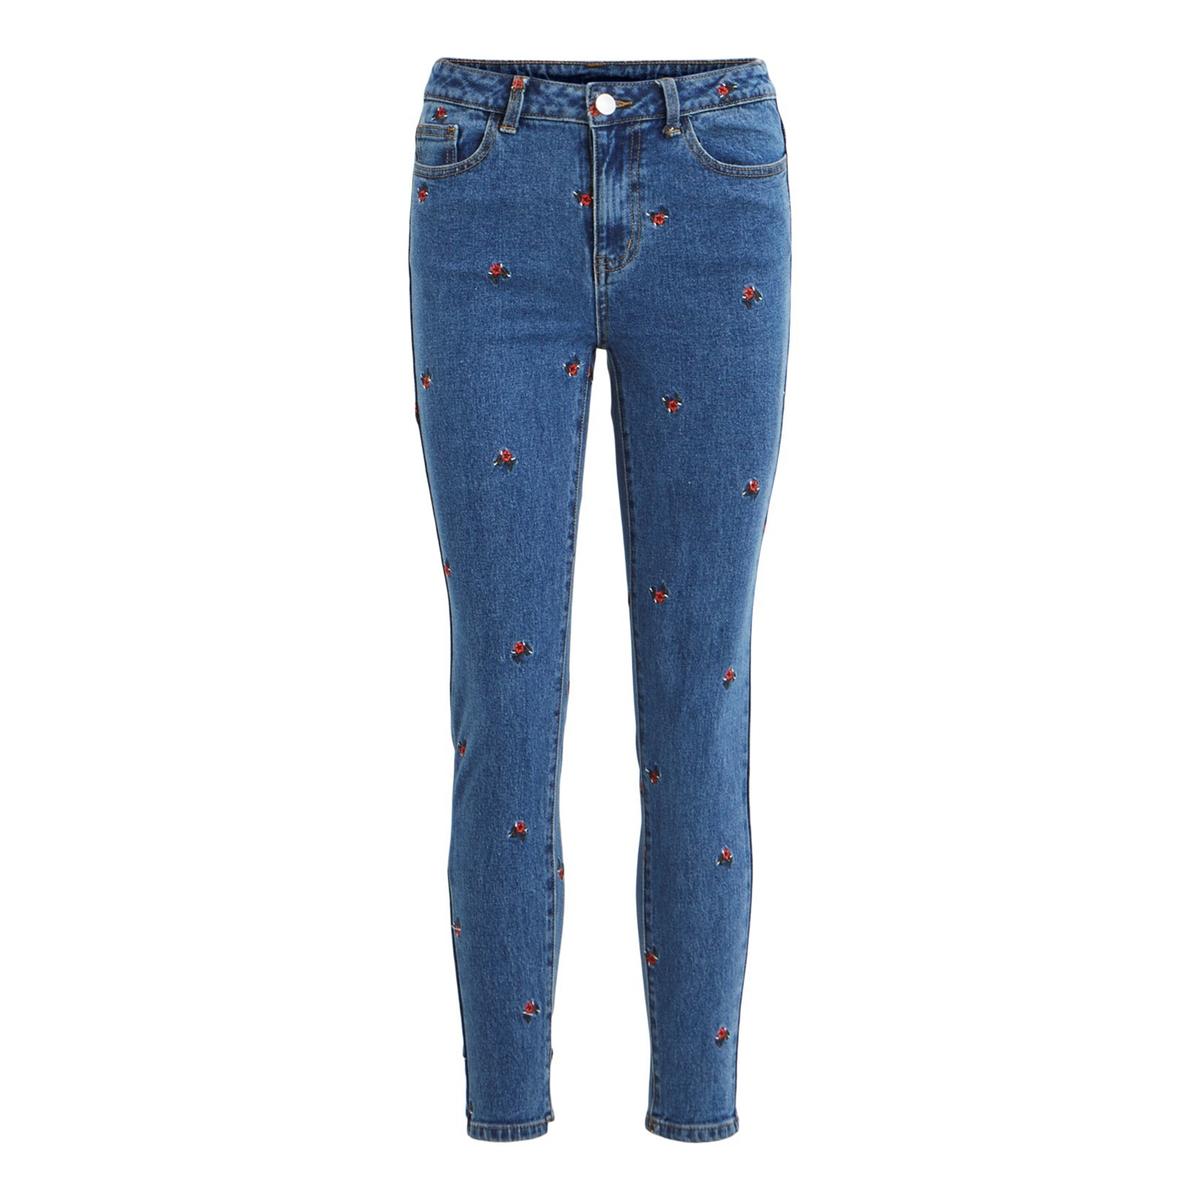 Джинсы La Redoute Узкие с вышитыми розами Visommer 28 (US) - 44 (RUS) синий джинсы la redoute узкие wilda 26 us 42 rus черный